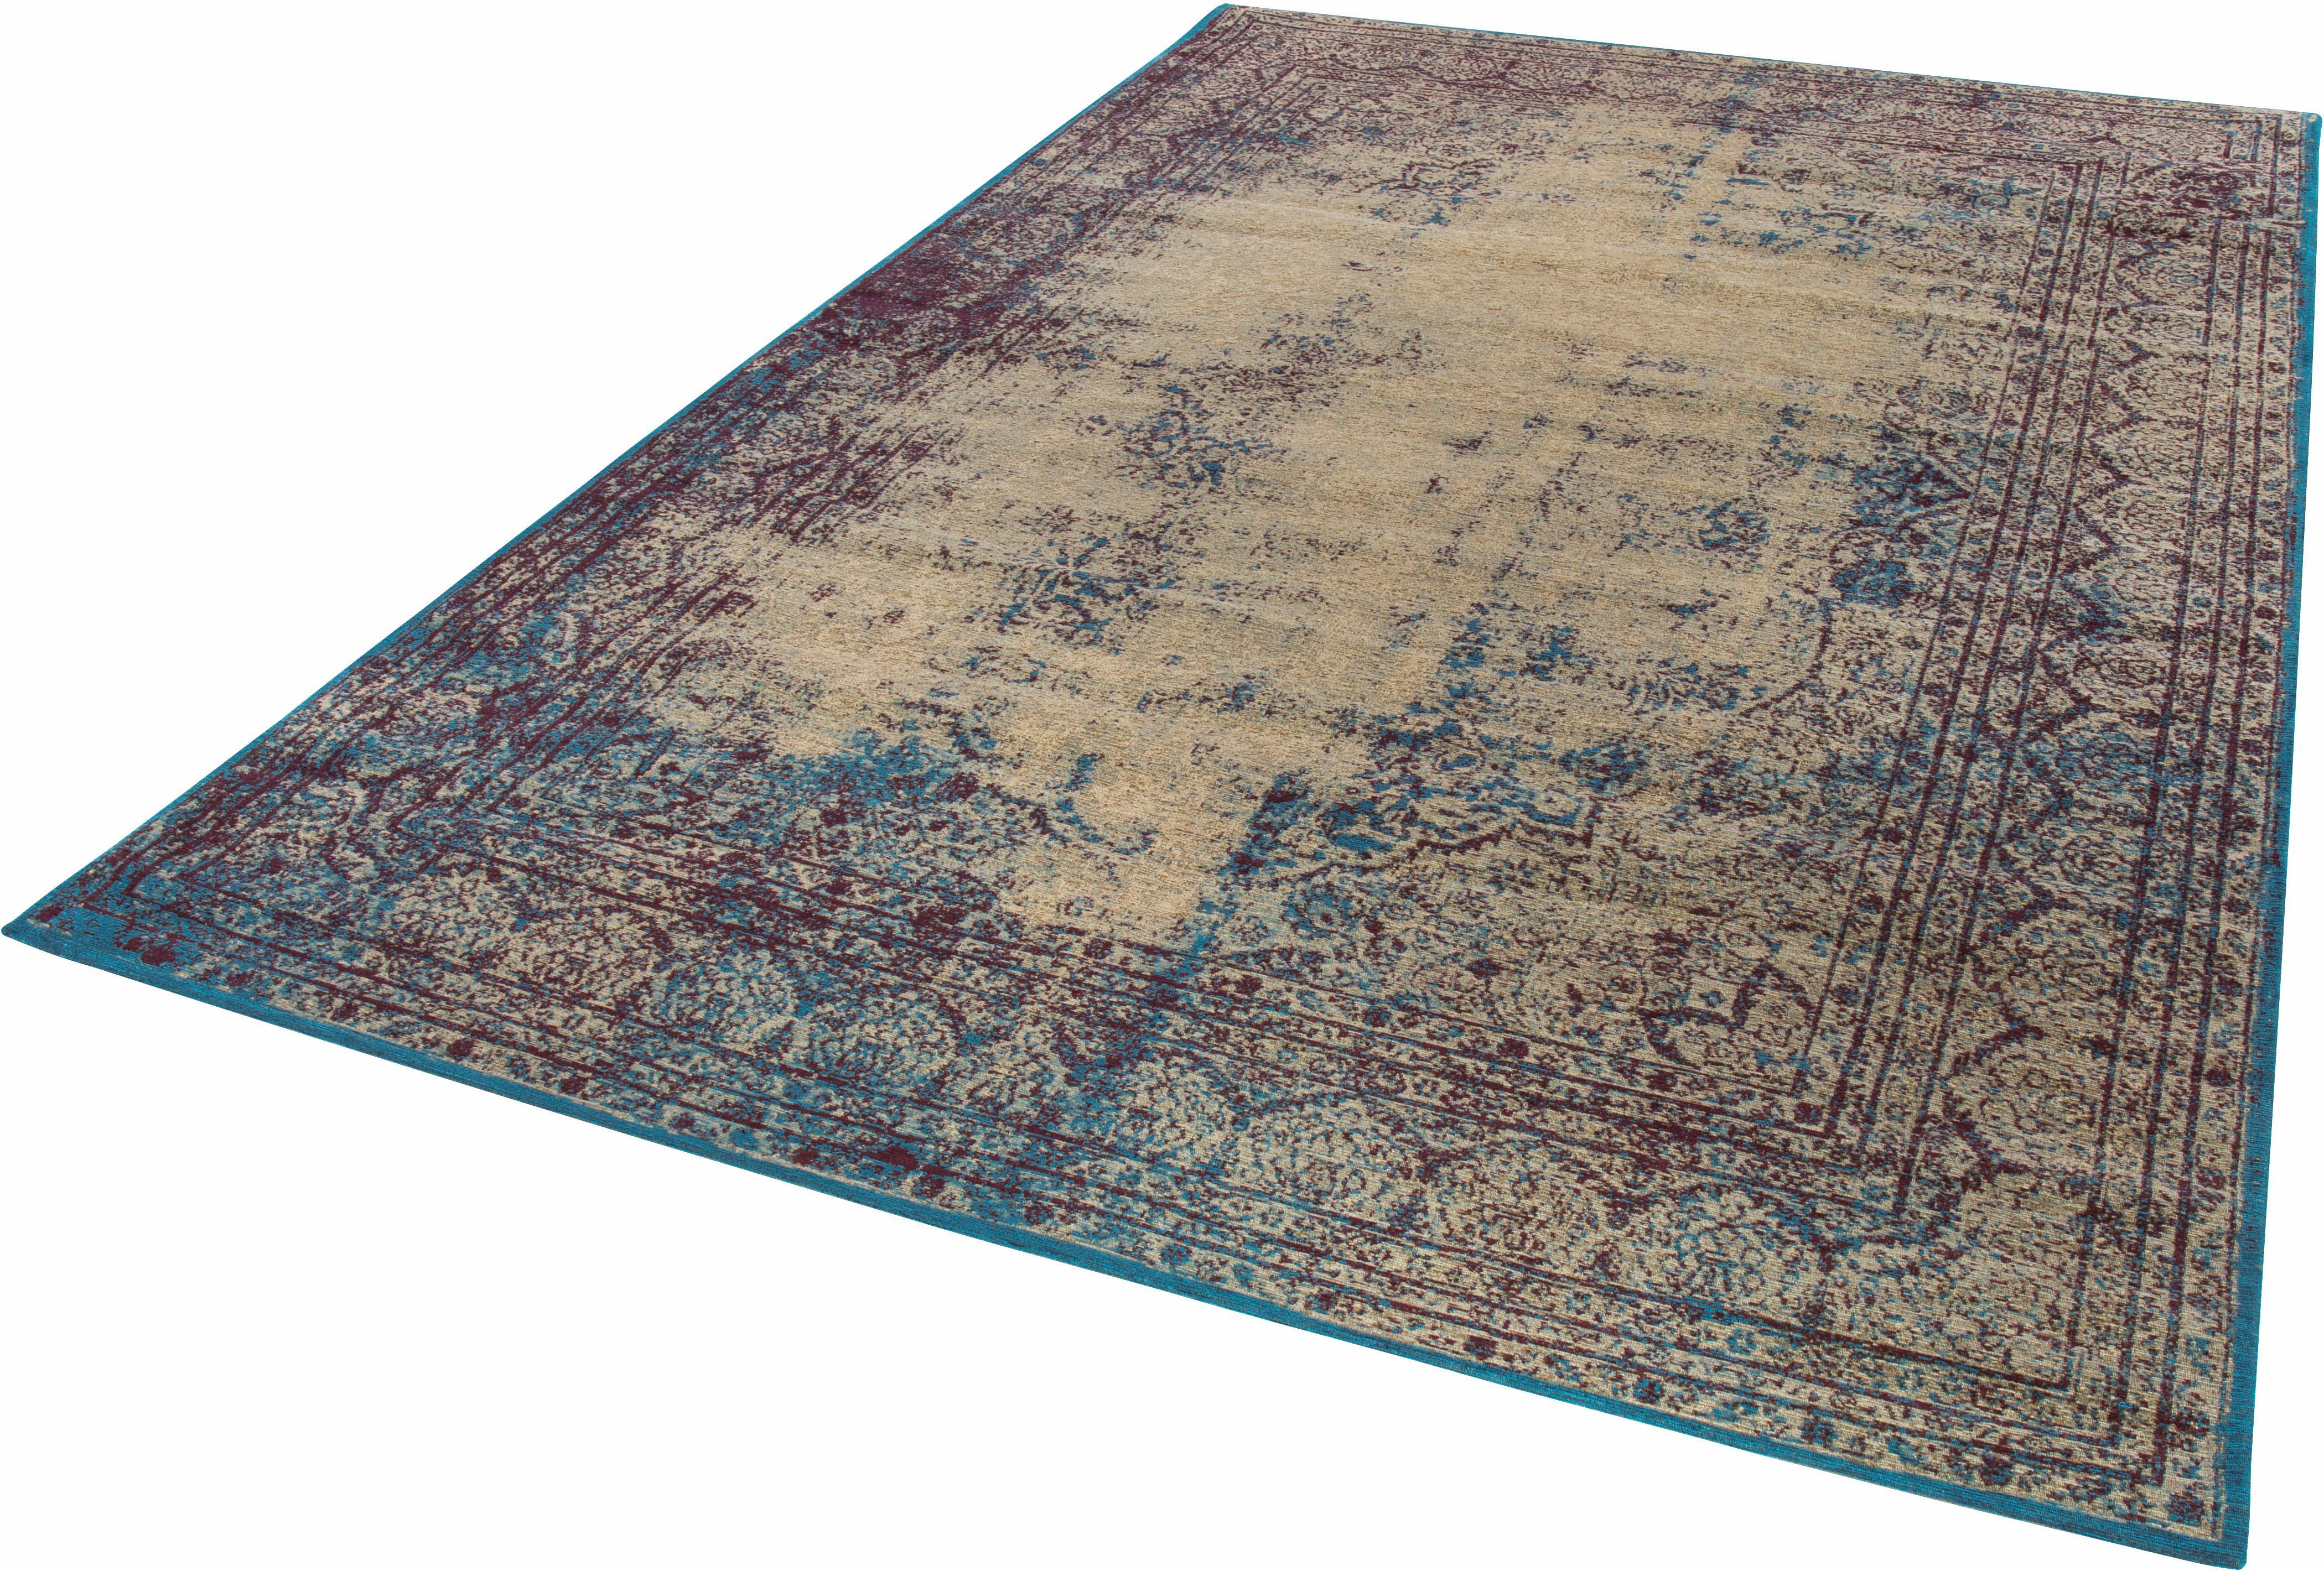 Teppich Antique 3 LUXOR living rechteckig Höhe 10 mm maschinell gewebt